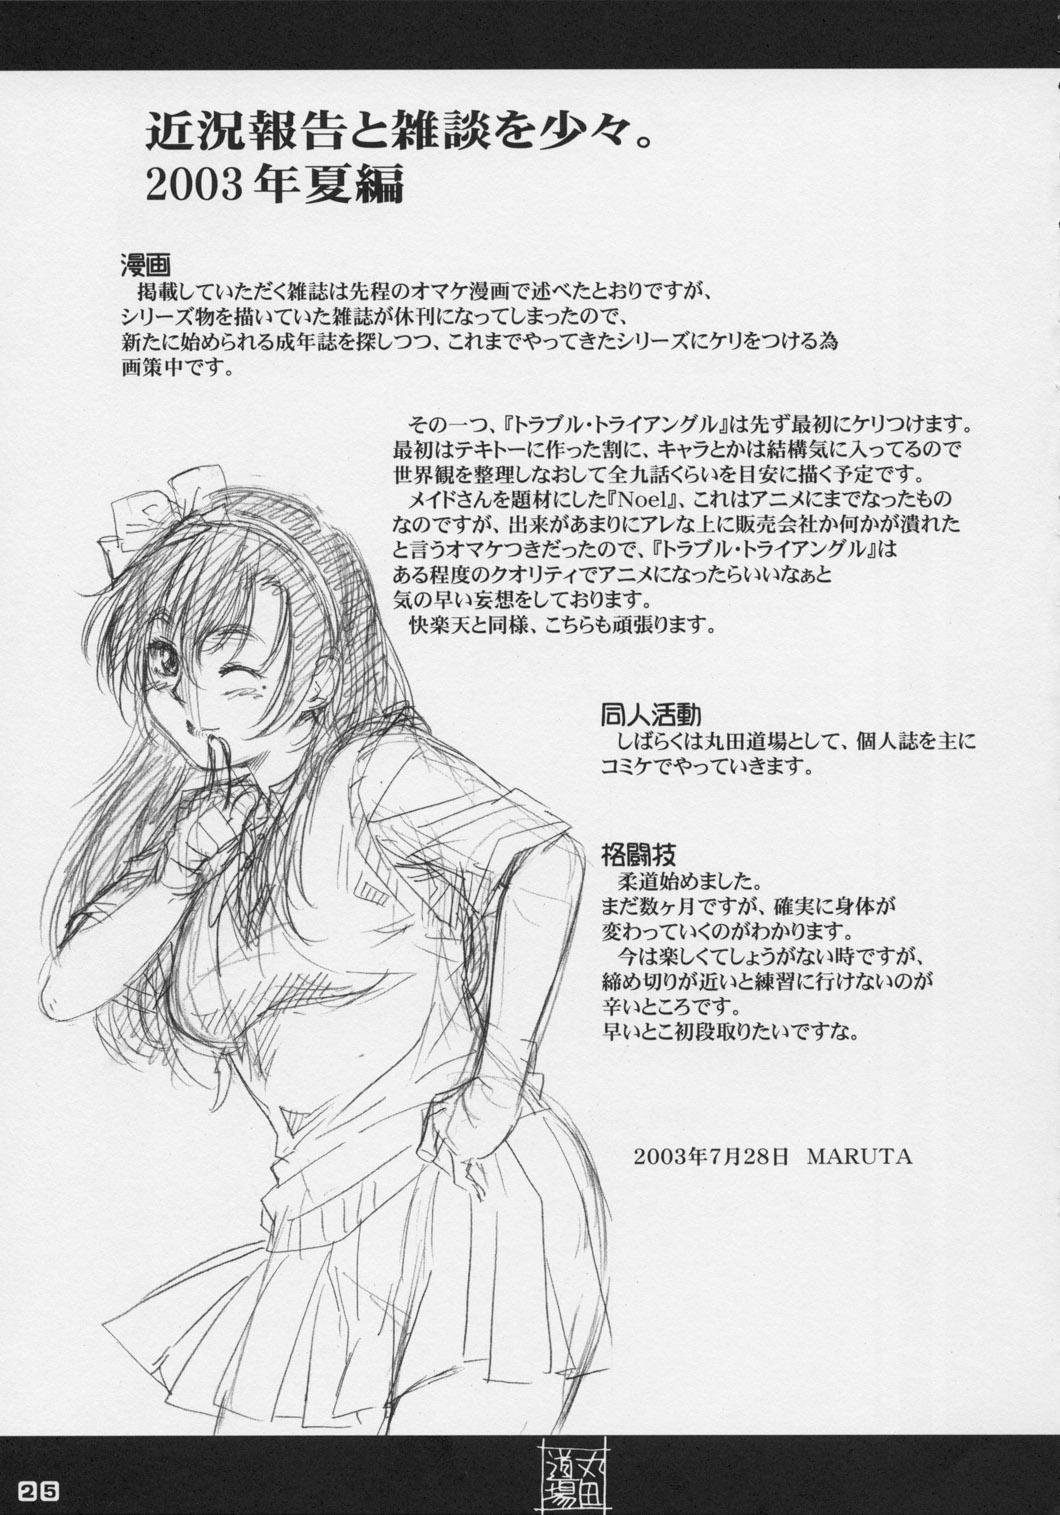 (C64) [MARUTA-DOJO (MARUTA)] Koyomi no Ren-nyu Tappuri Syu-Kuri-mu (Azumanga-Daioh) 24